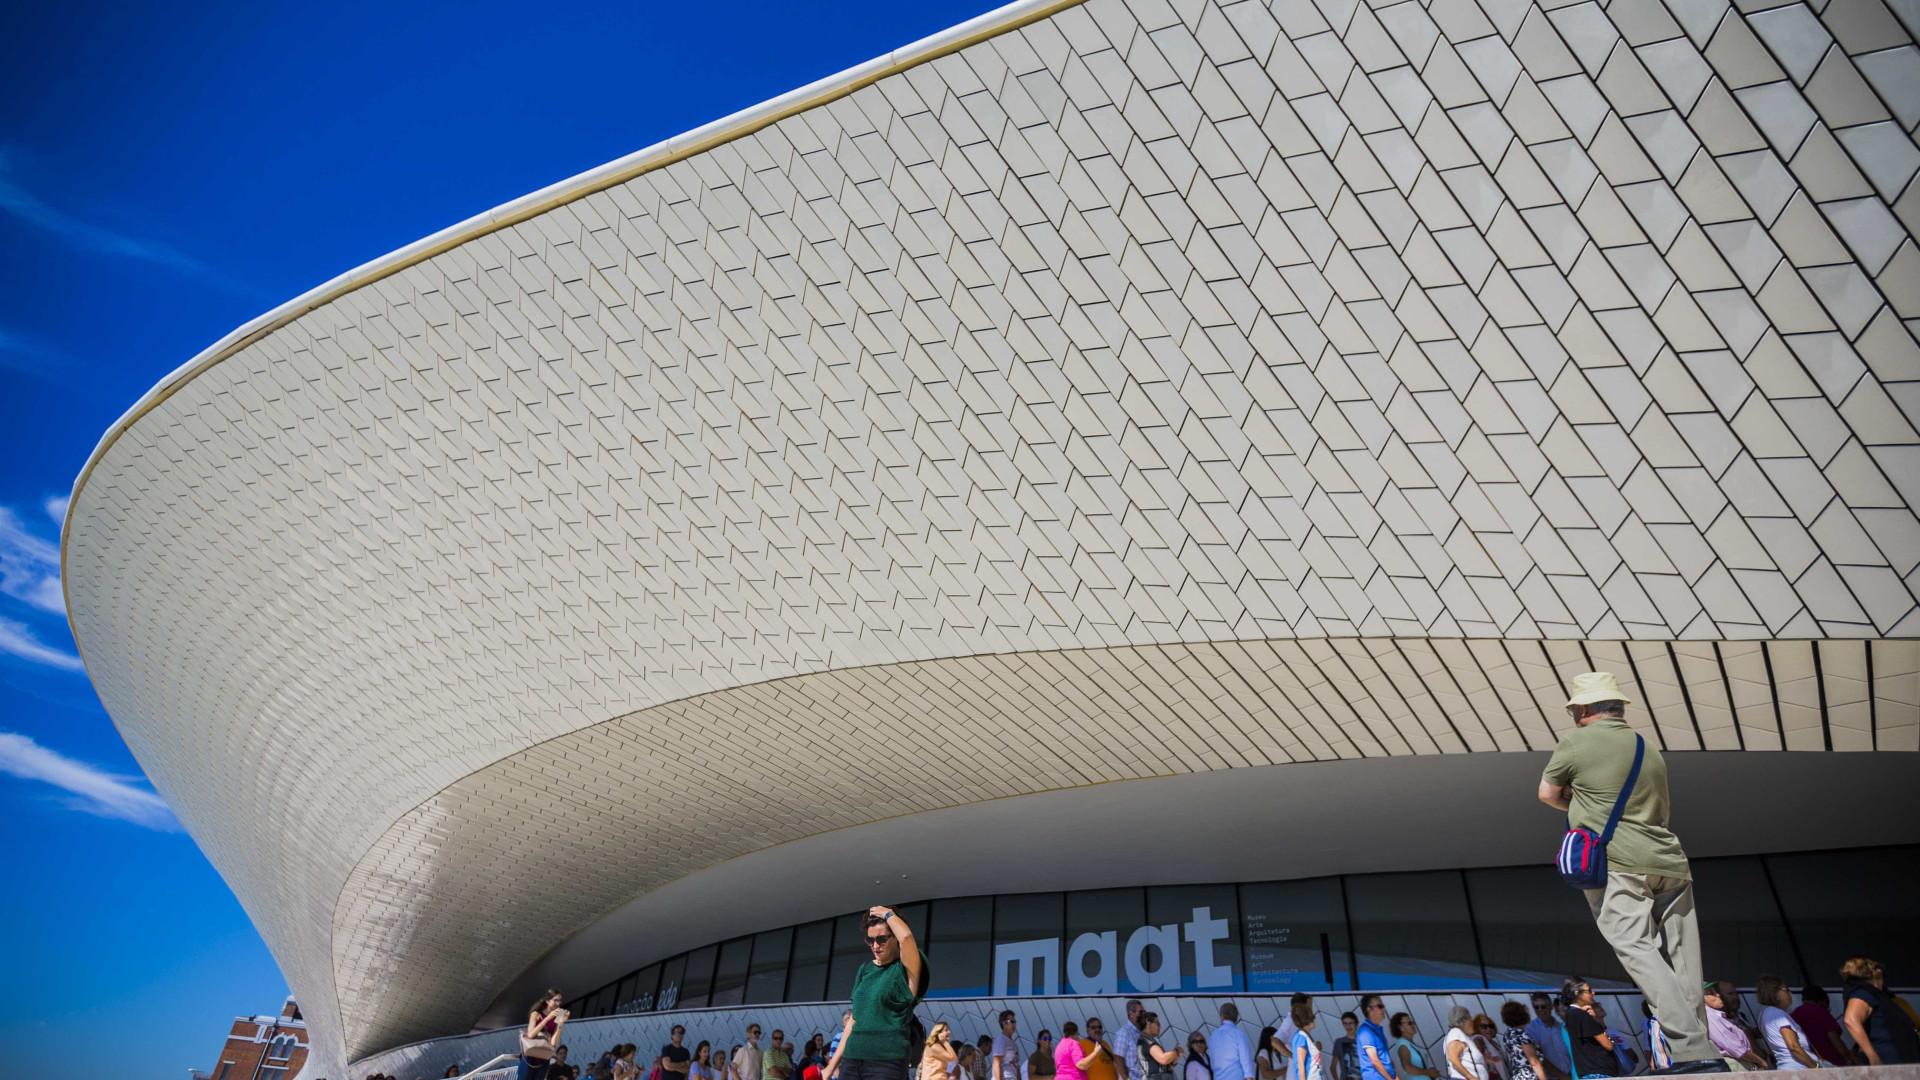 Novo regime de autonomia dos museus entre prioridades culturais